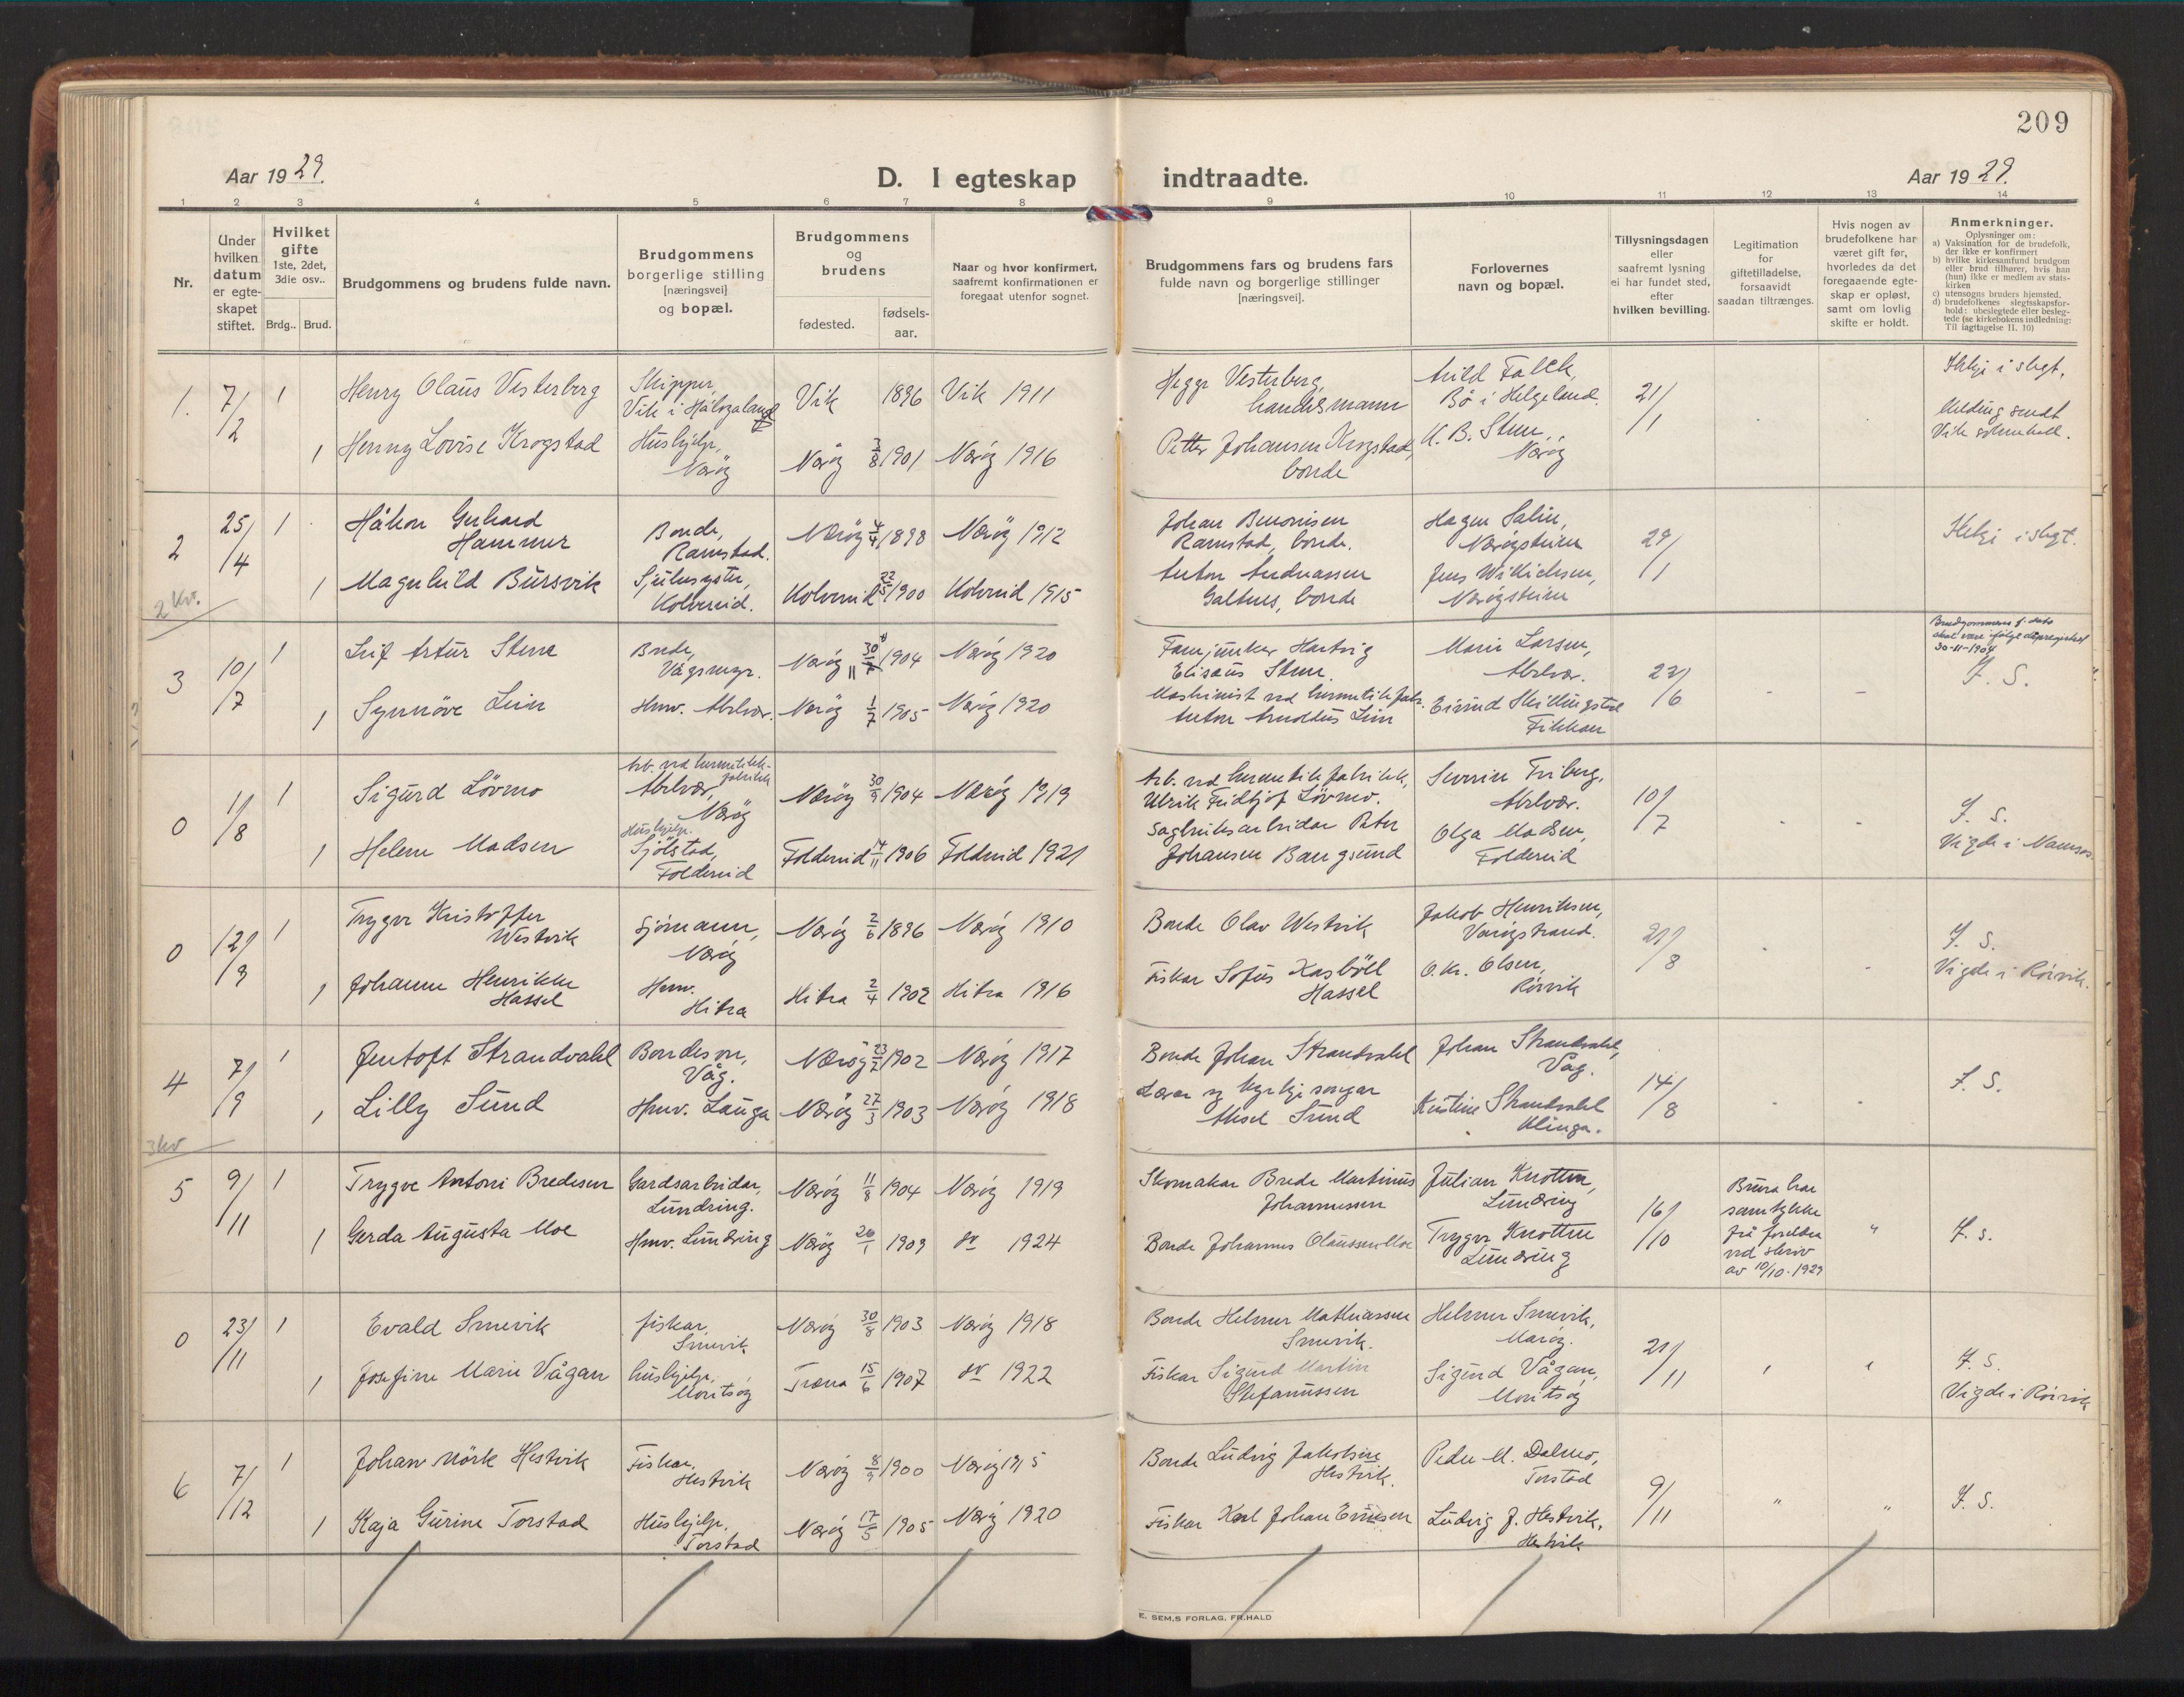 SAT, Ministerialprotokoller, klokkerbøker og fødselsregistre - Nord-Trøndelag, 784/L0678: Ministerialbok nr. 784A13, 1921-1938, s. 209